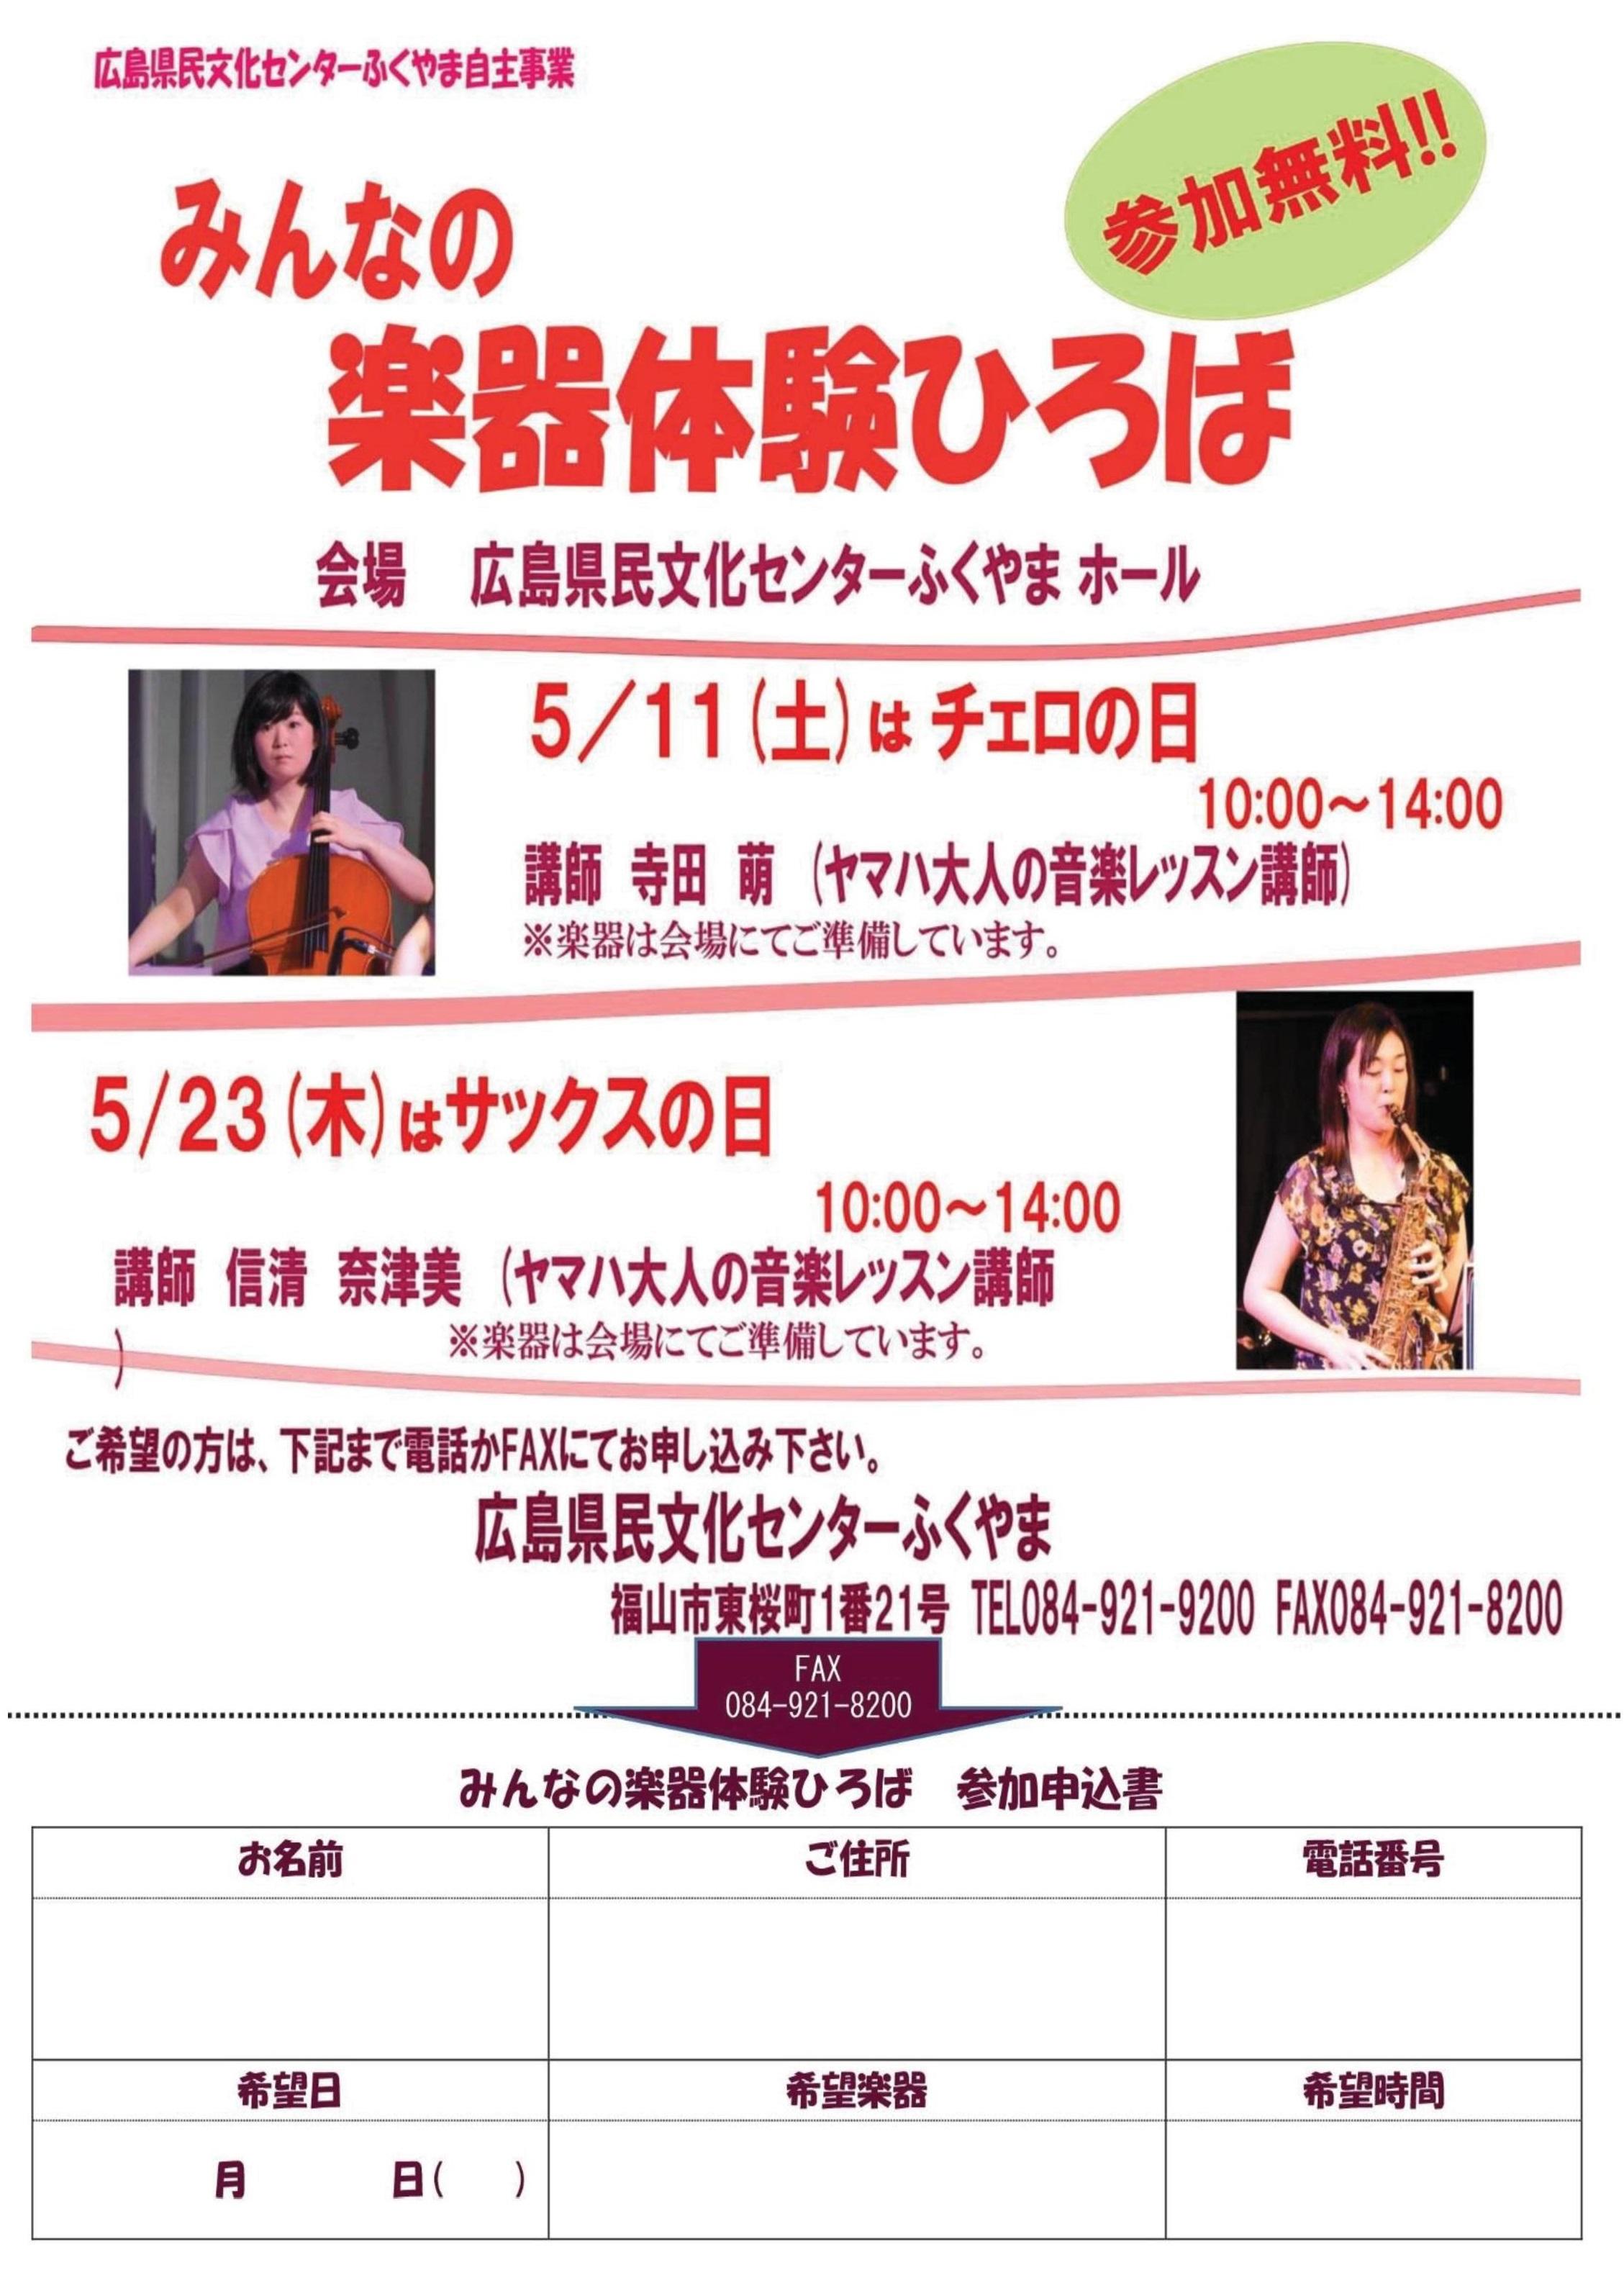 楽器体験2019.5 HP用(改).